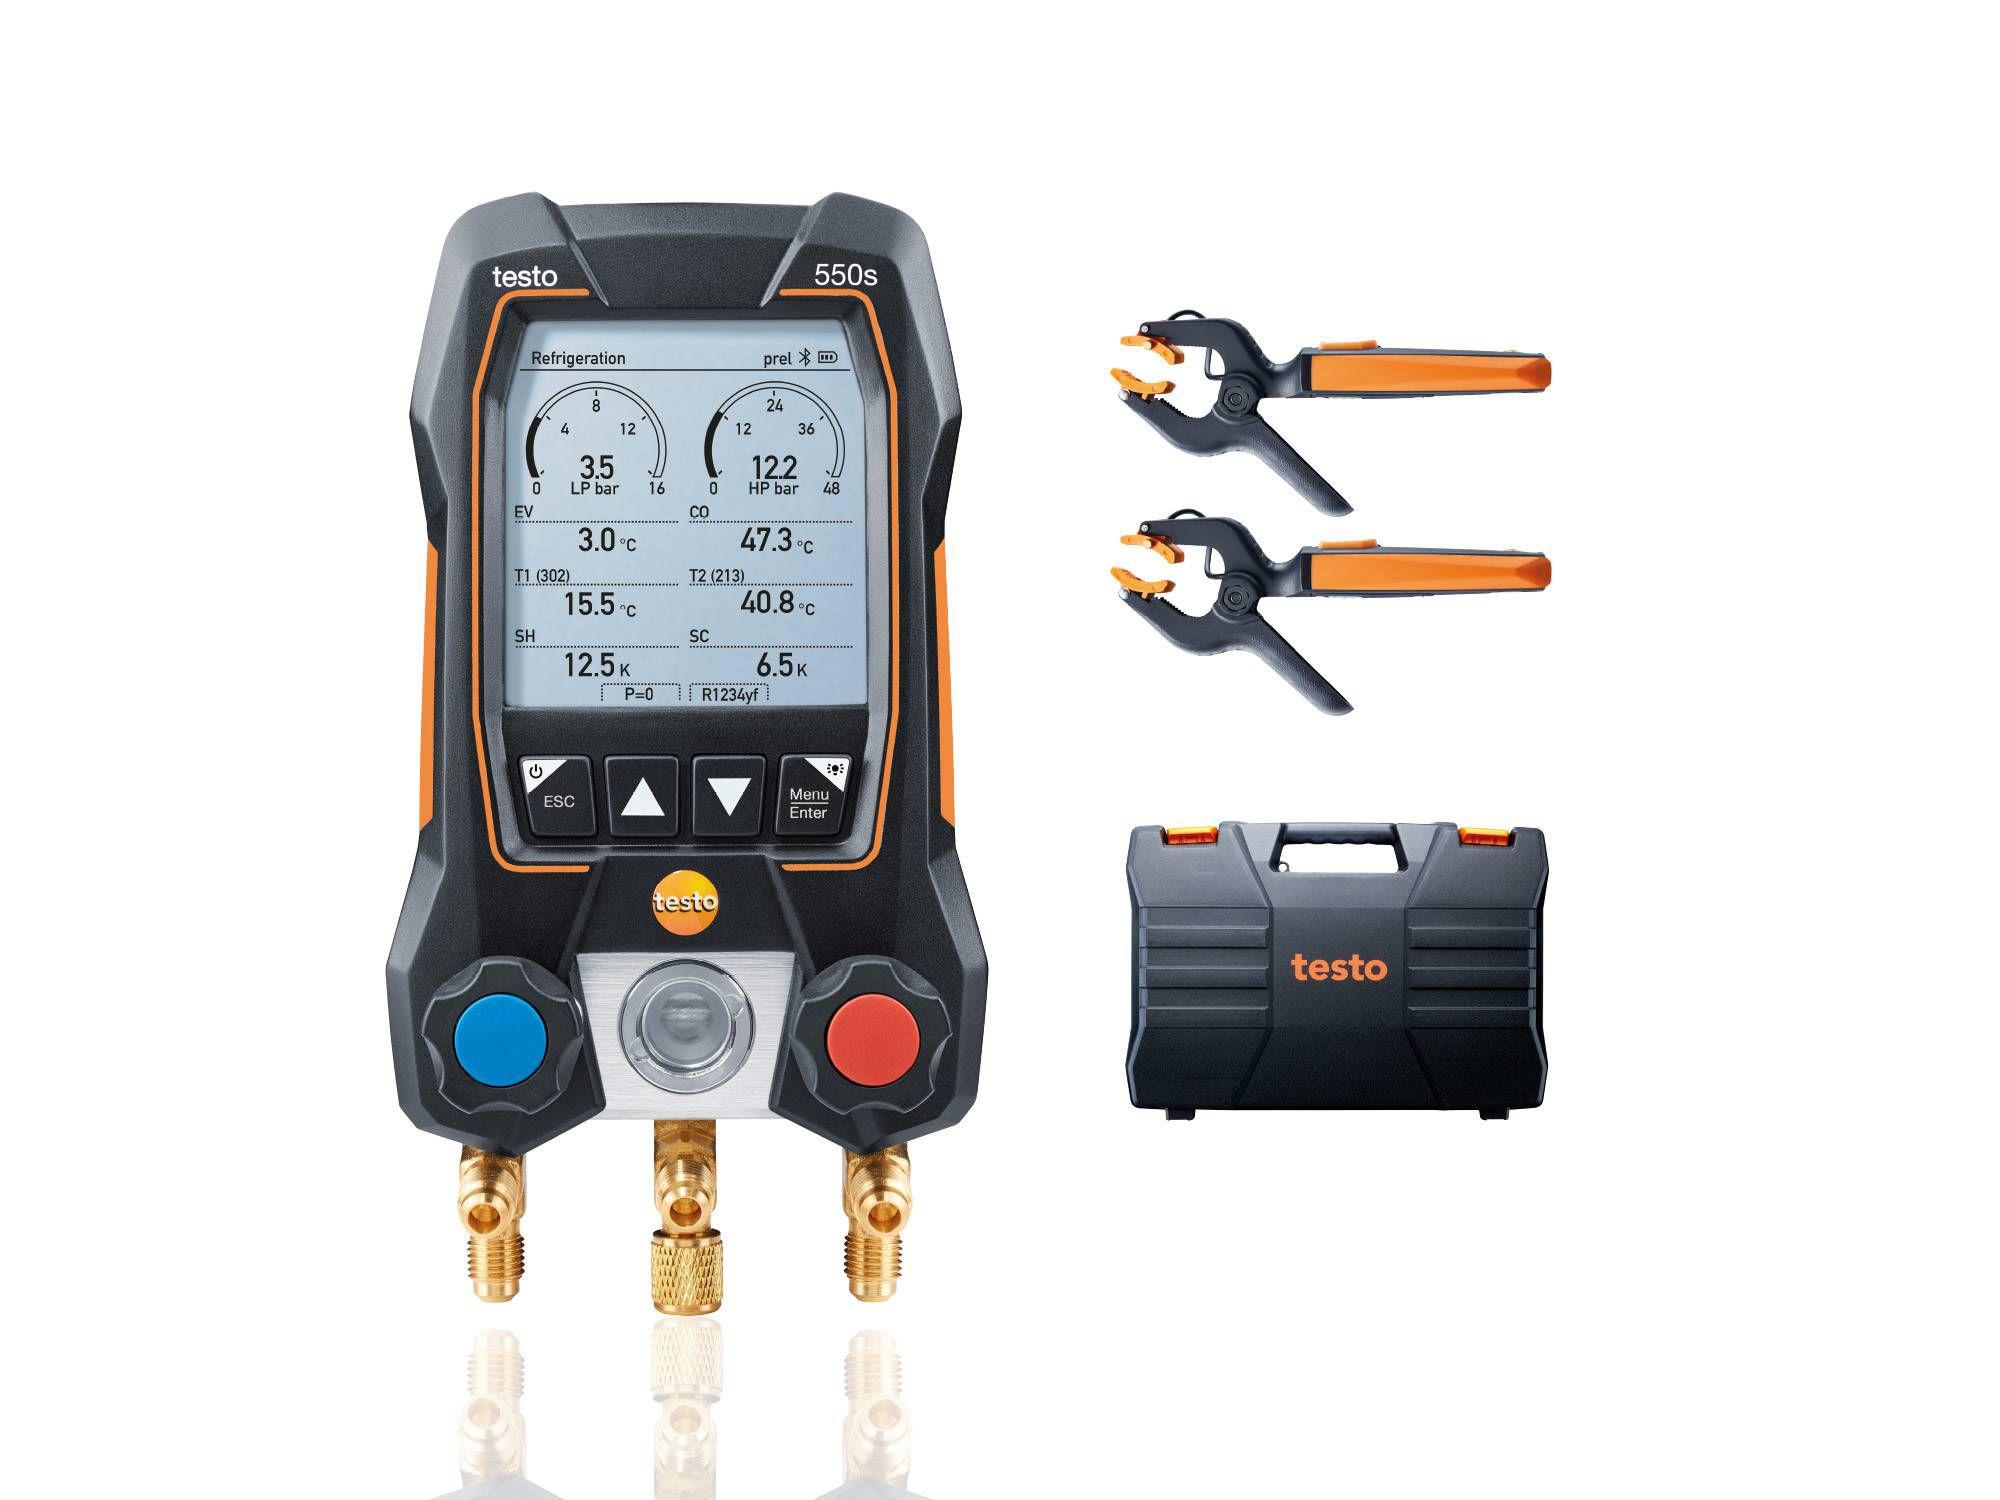 Умный цифровой манометрический коллектор testo 550s комплект 2 (0564 5502)